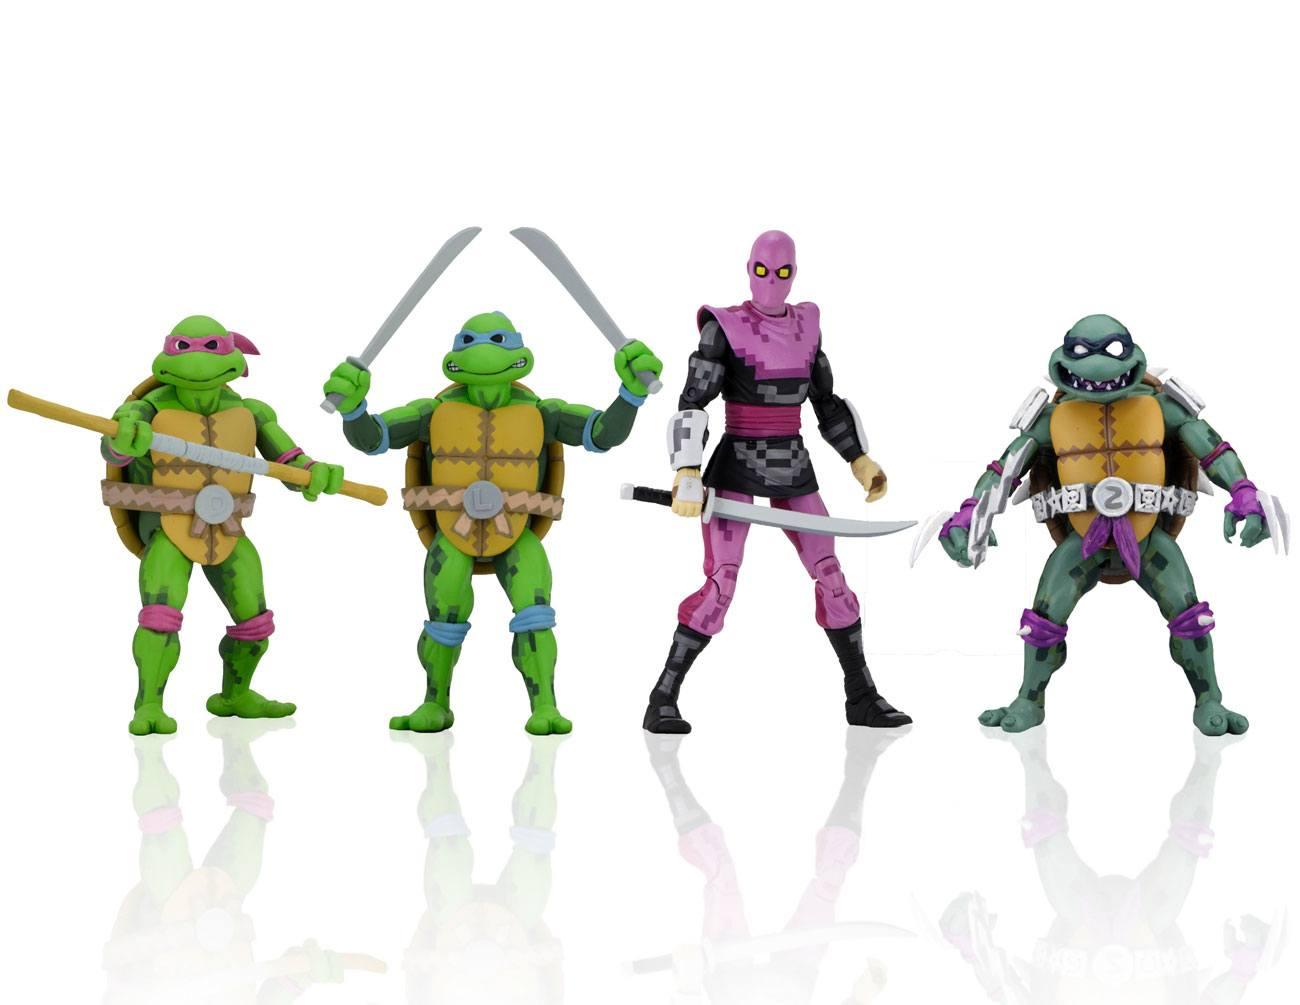 Teenage Mutant Ninja Turtles: Turtles in Time Action Figures 18 cm Series 1